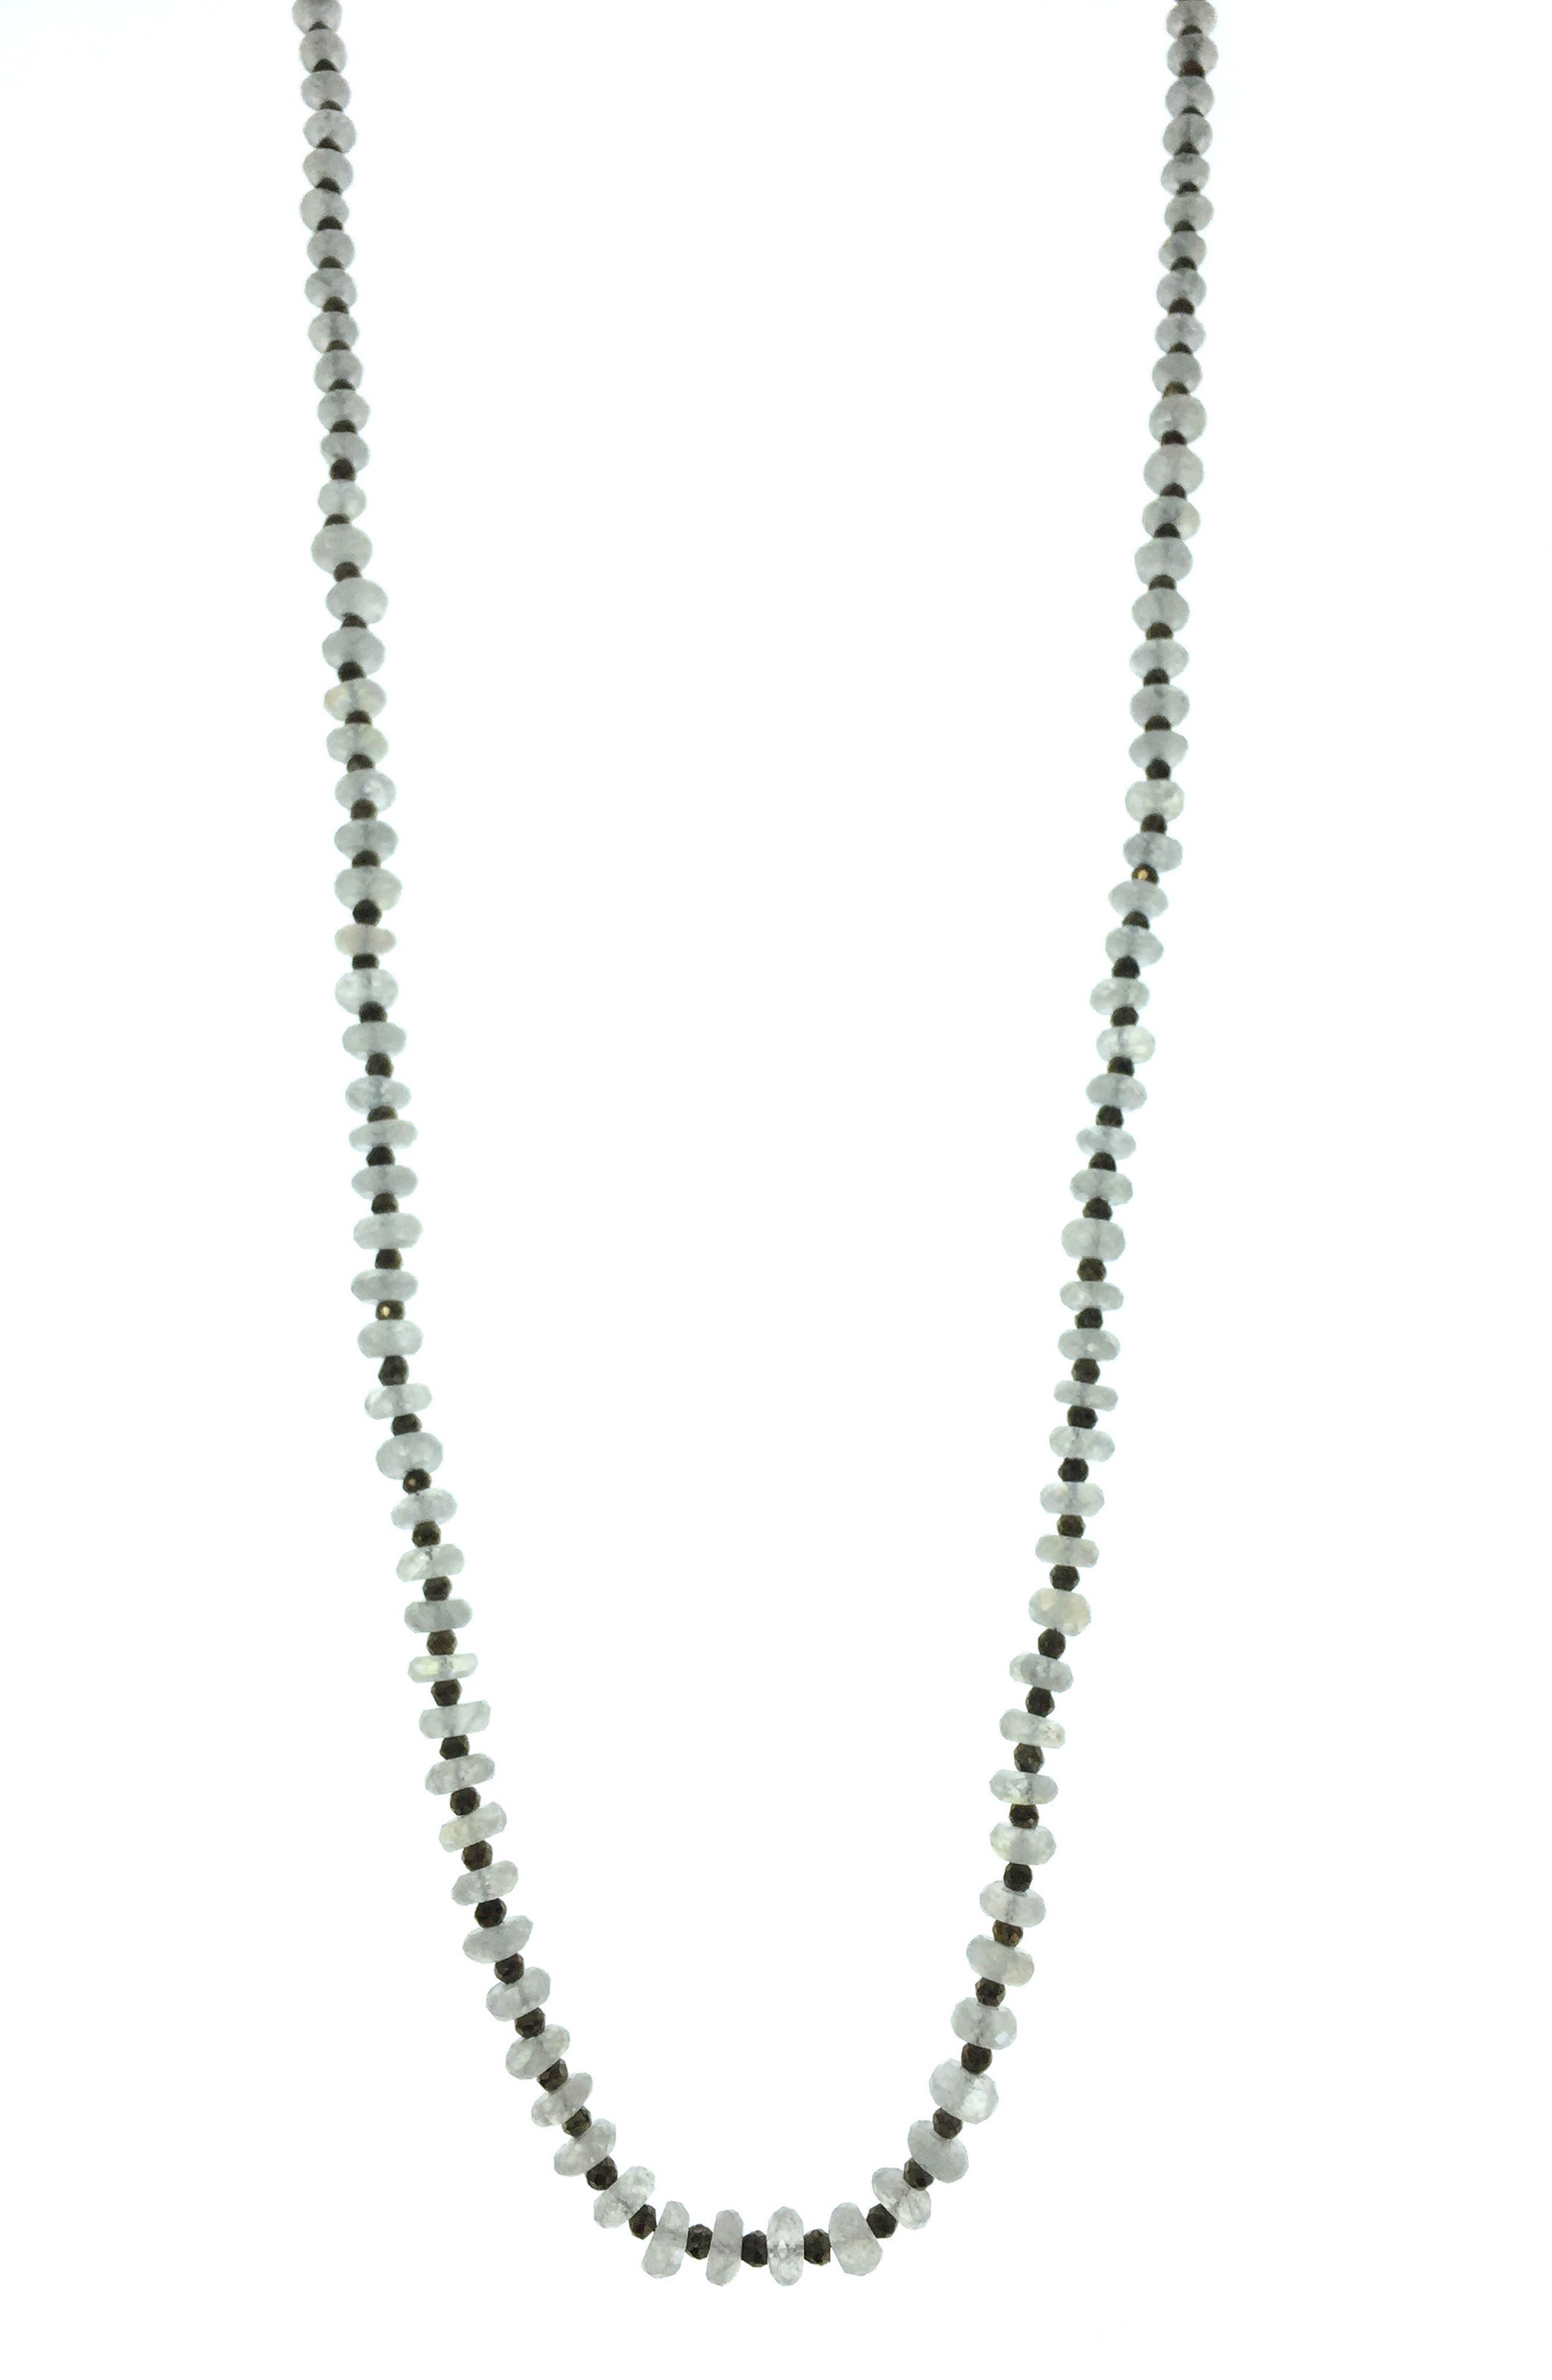 Solana Semiprecious Stone Necklace,                             Main thumbnail 1, color,                             104